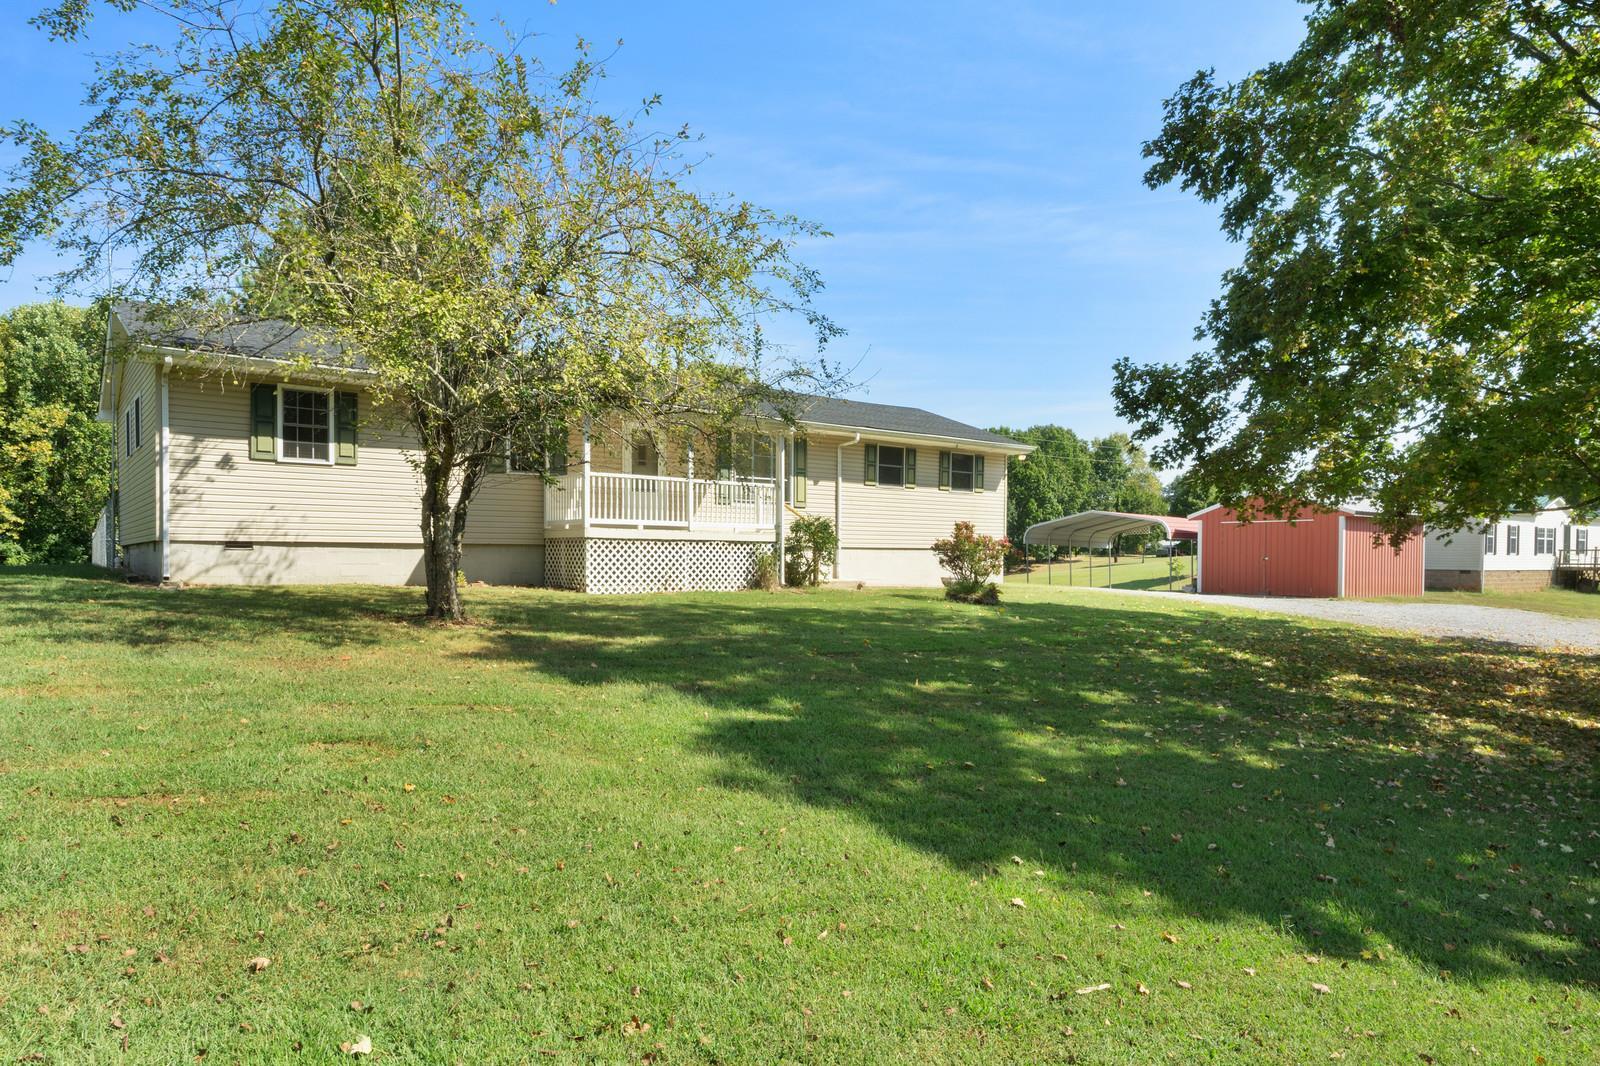 3518 Porters Chapel Rd, Cedar Hill, TN 37032 - Cedar Hill, TN real estate listing